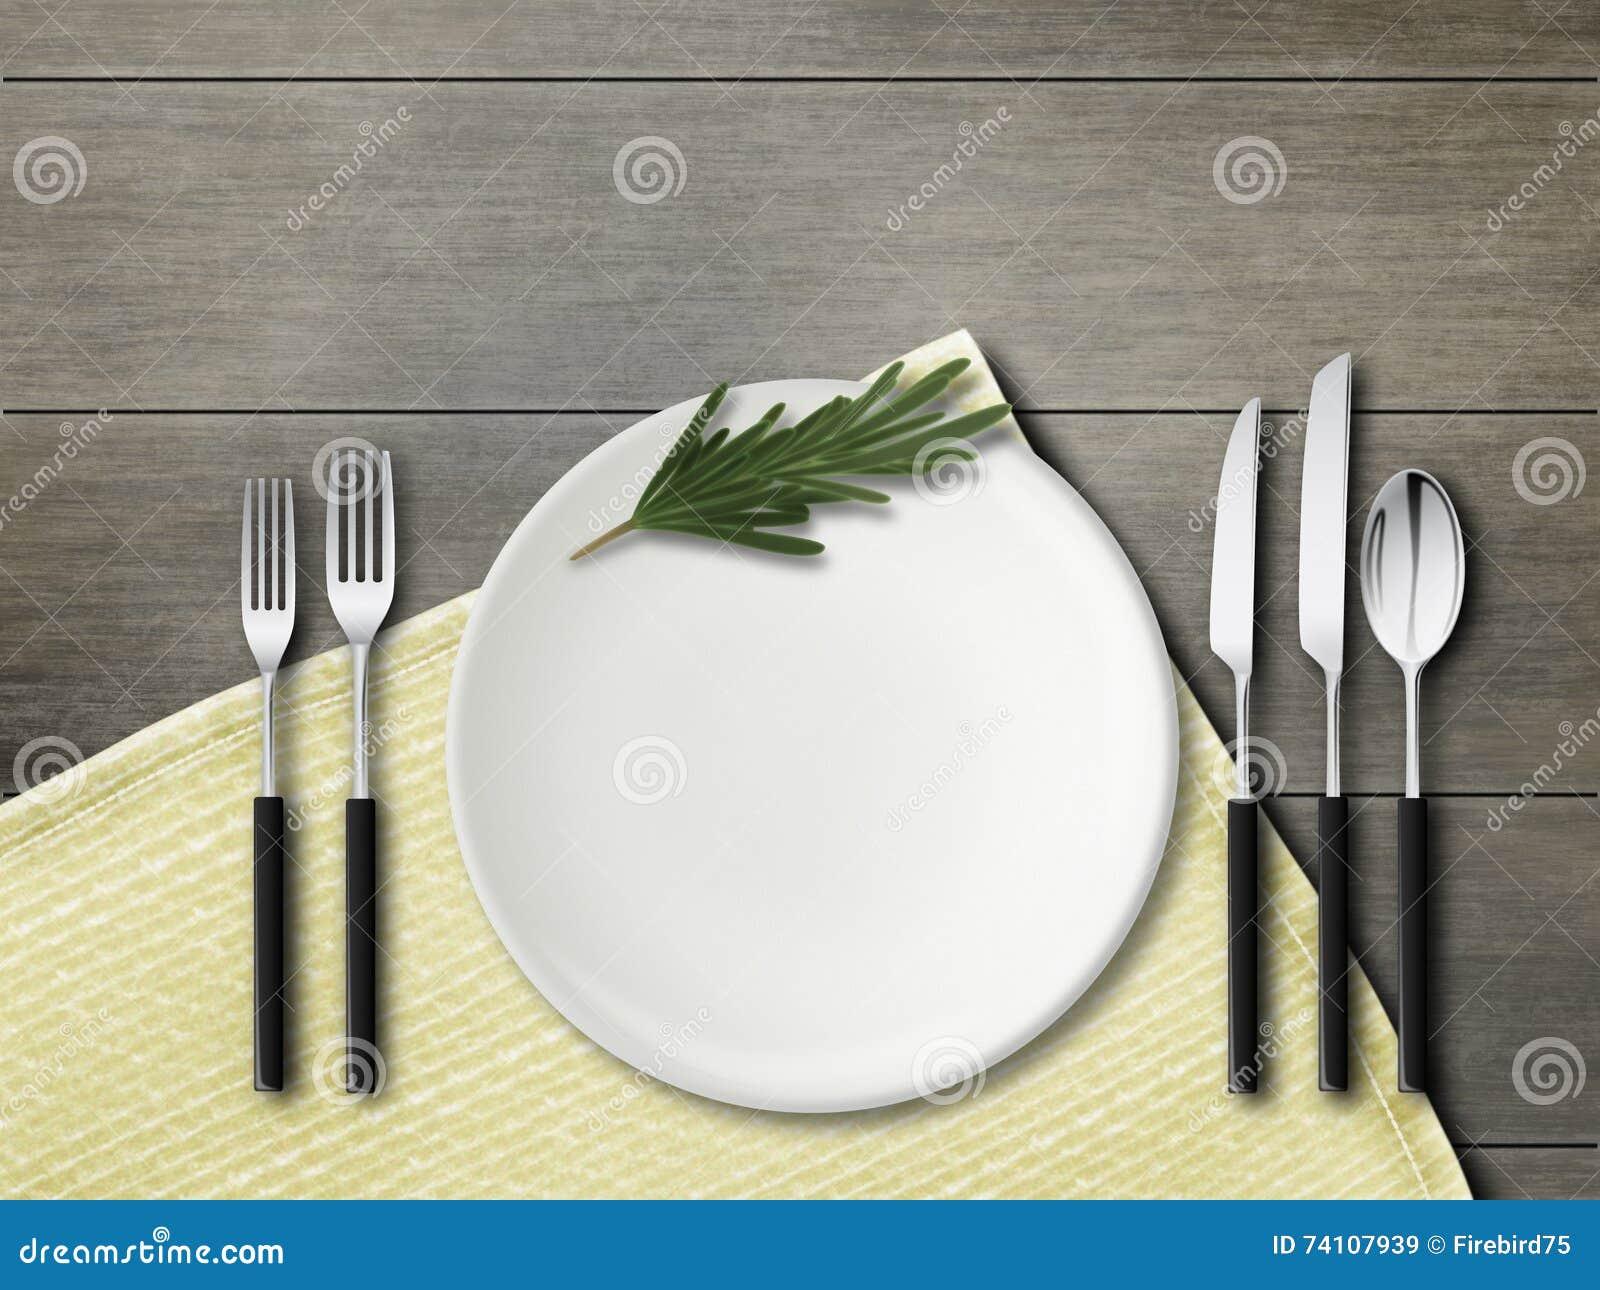 Δίκρανα, κουτάλι, μαχαίρια, πιάτα Πρότυπο ζωή αγροτική ακόμα